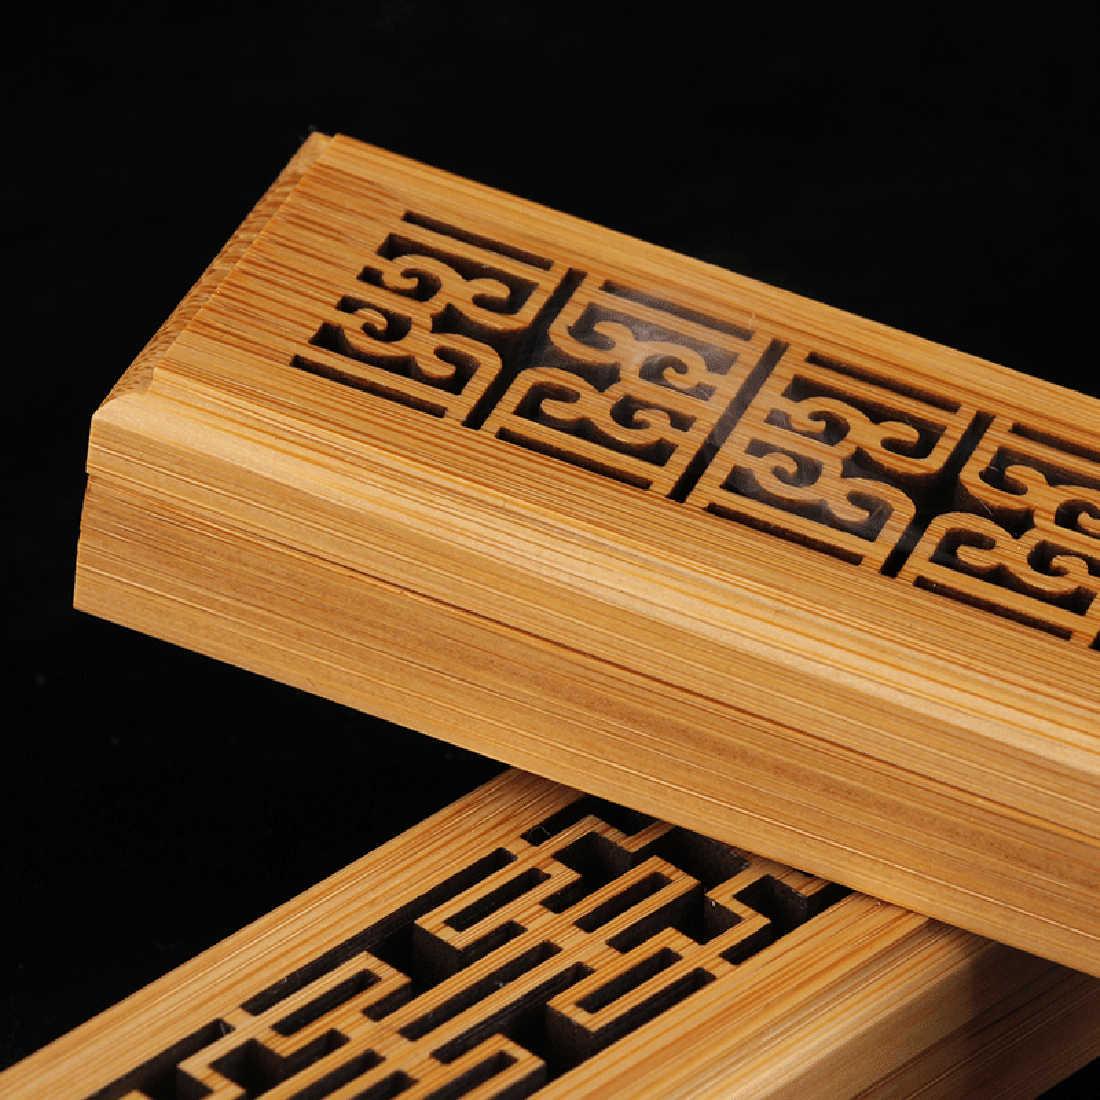 Бамбуковая ладана горелка подставка для ароматических палочек ручная резьба полый коробка для ароматерапии лежа курильница украшения дома офиса буддха